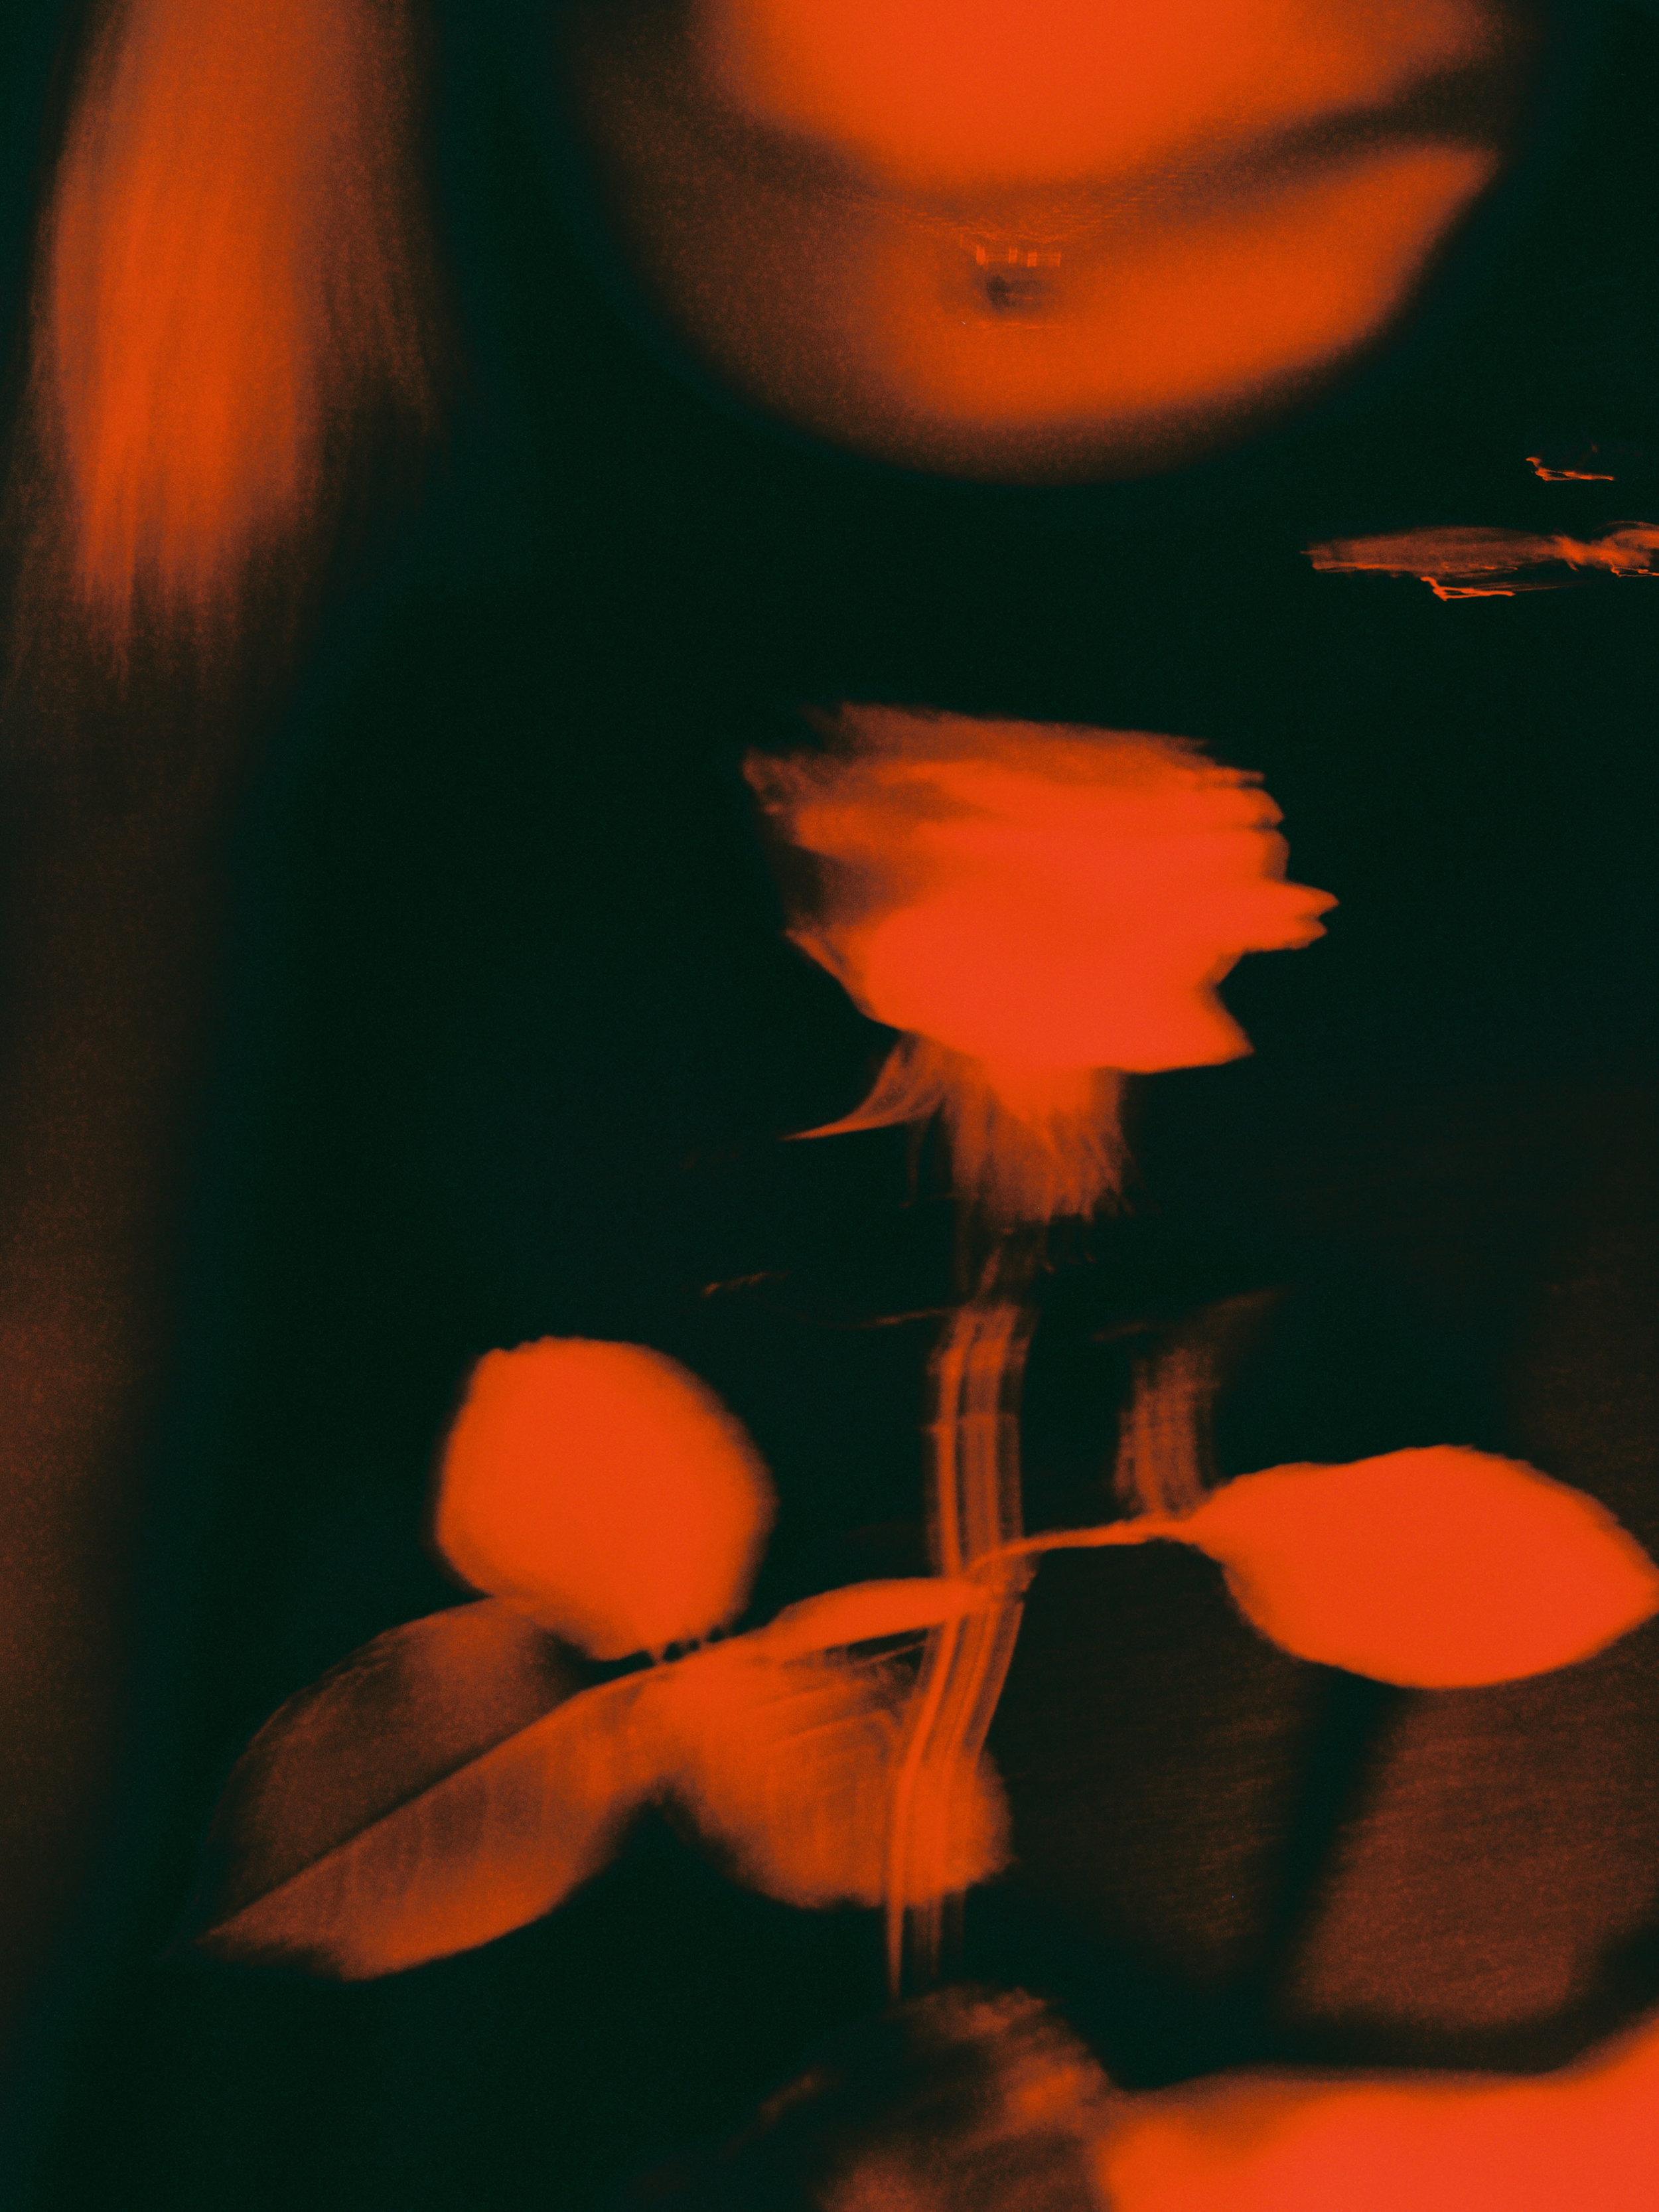 Trent T - Malorie's Flower